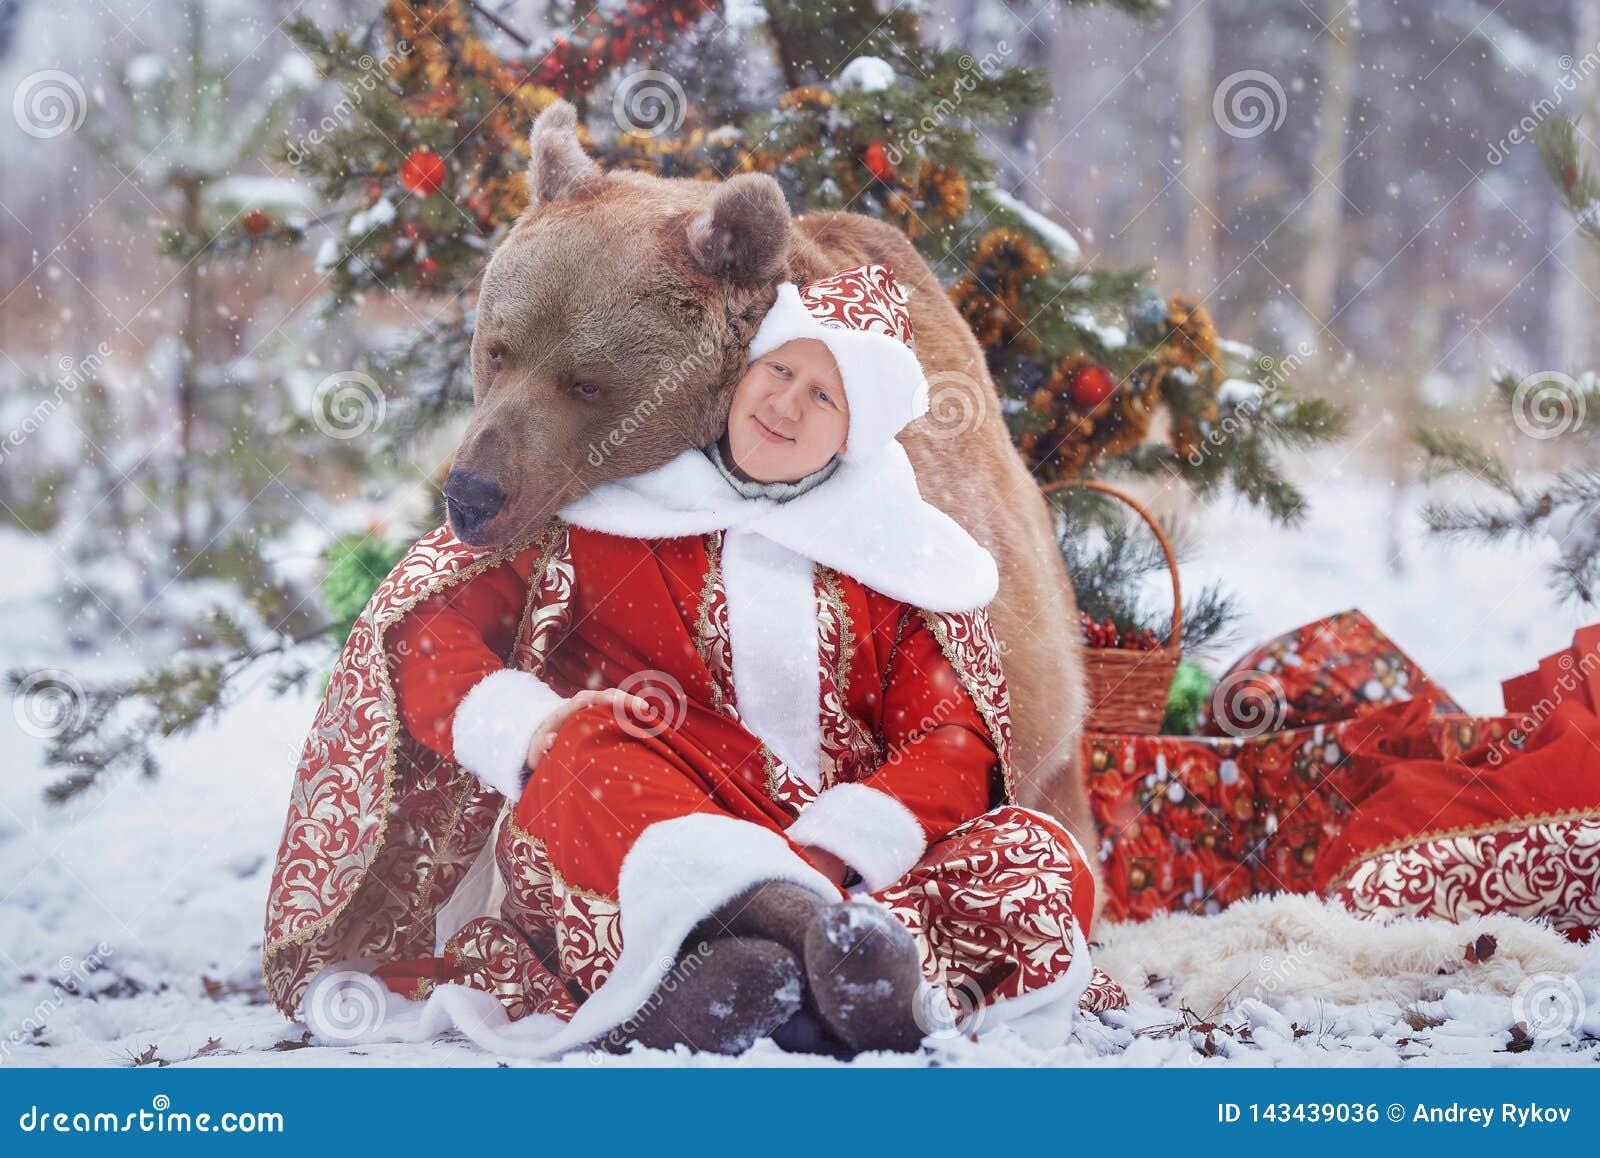 Mannen sitter nära brunbjörn